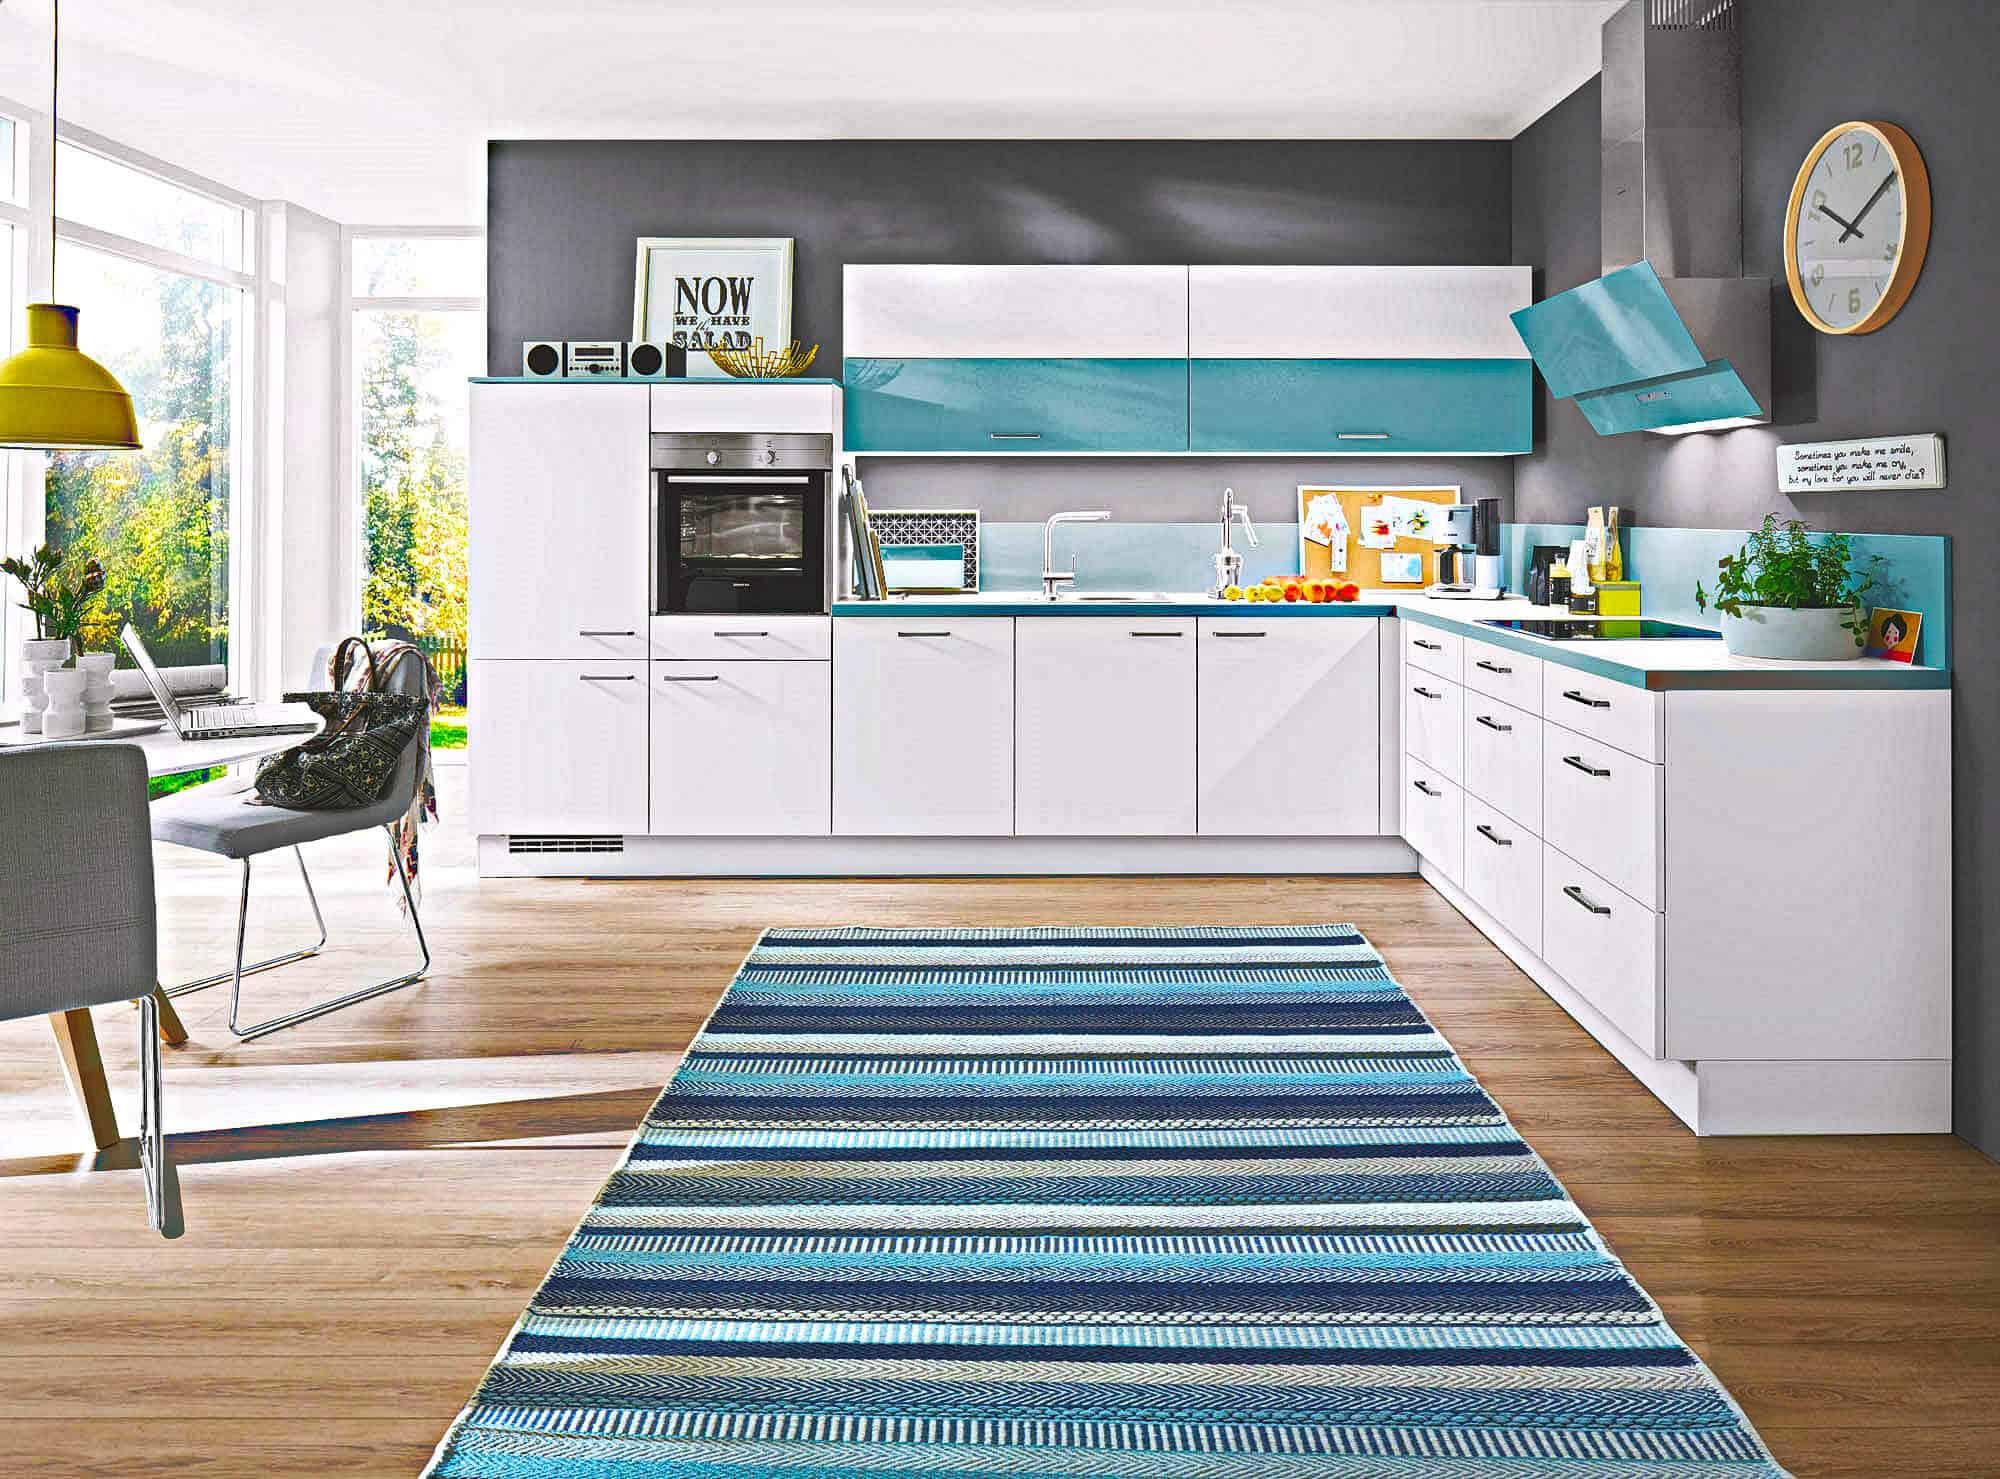 Charmant Blaue Und Gelbe Küche Ideen - Ideen Für Die Küche ...